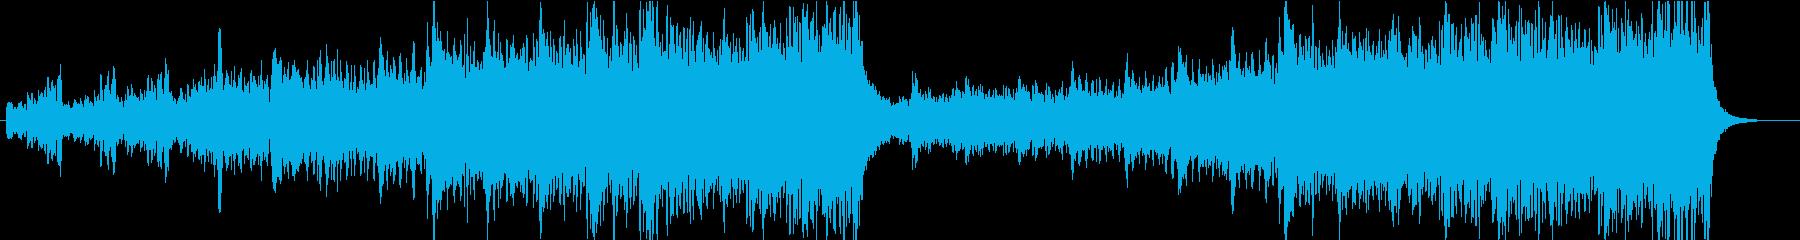 ストリングスとピアノのシンプルトレイラーの再生済みの波形